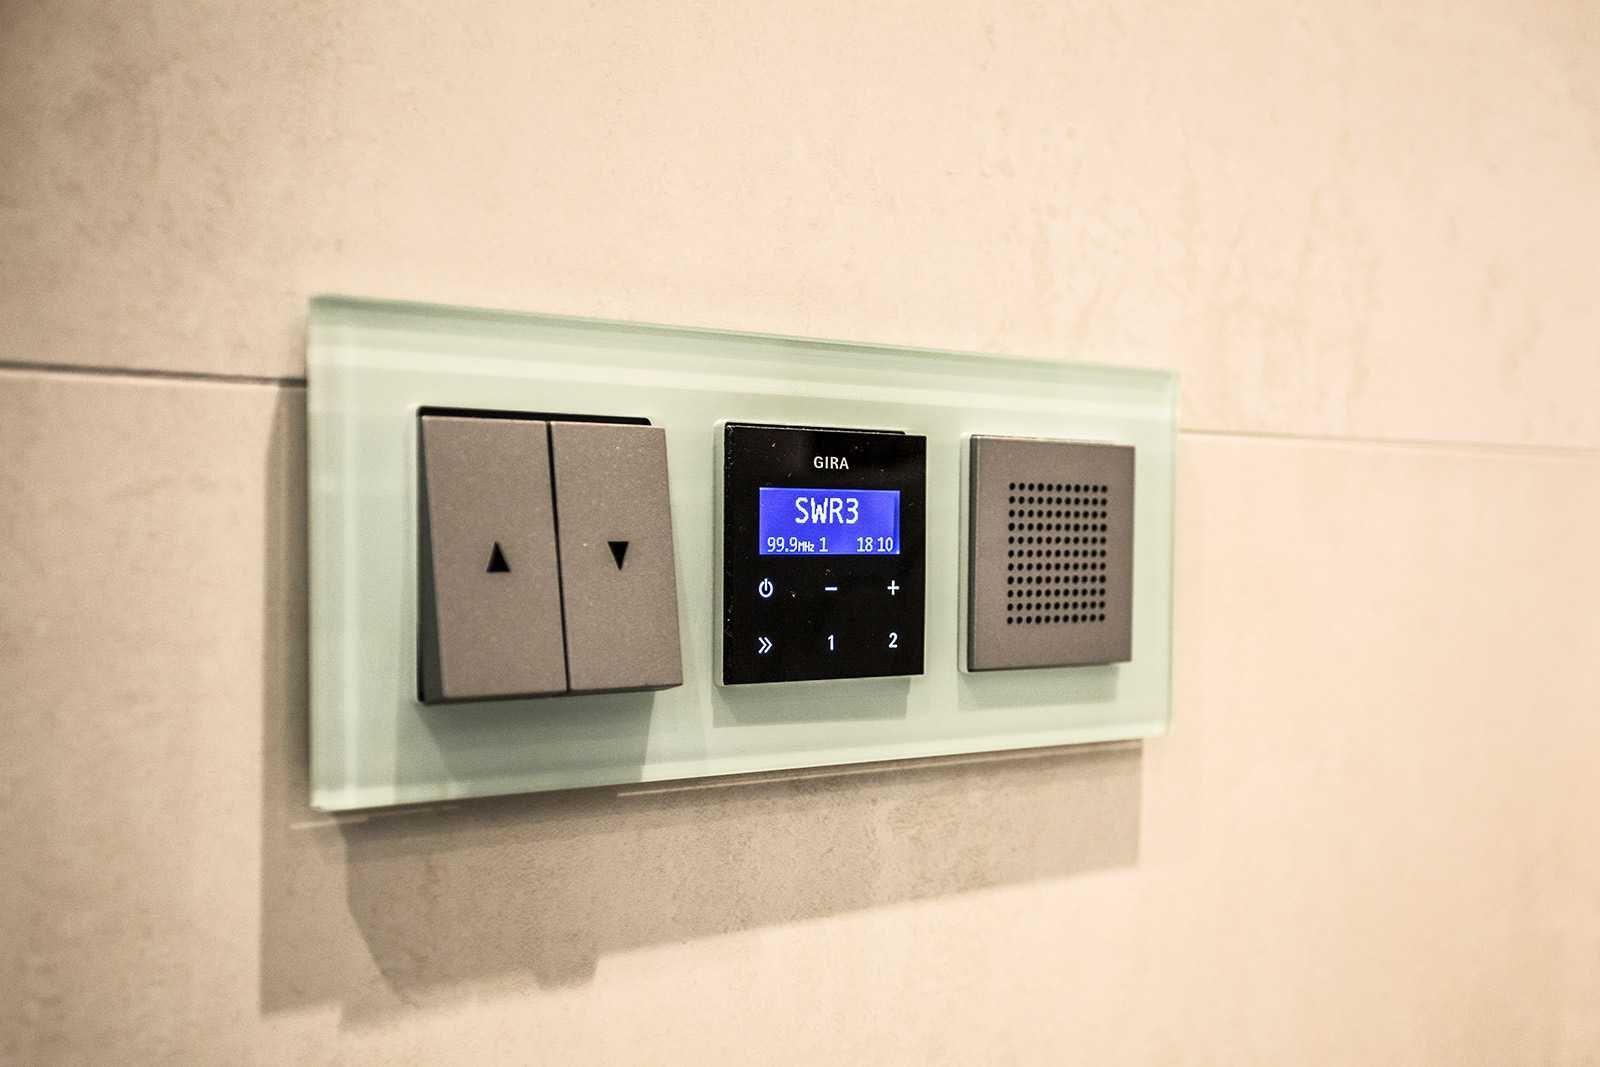 Integriertes Radio Mit Display Und Lautsprechern Furs Badezimmer Www Mini Bagno Mainz De Badezimmer Badezimmergestaltung Baden